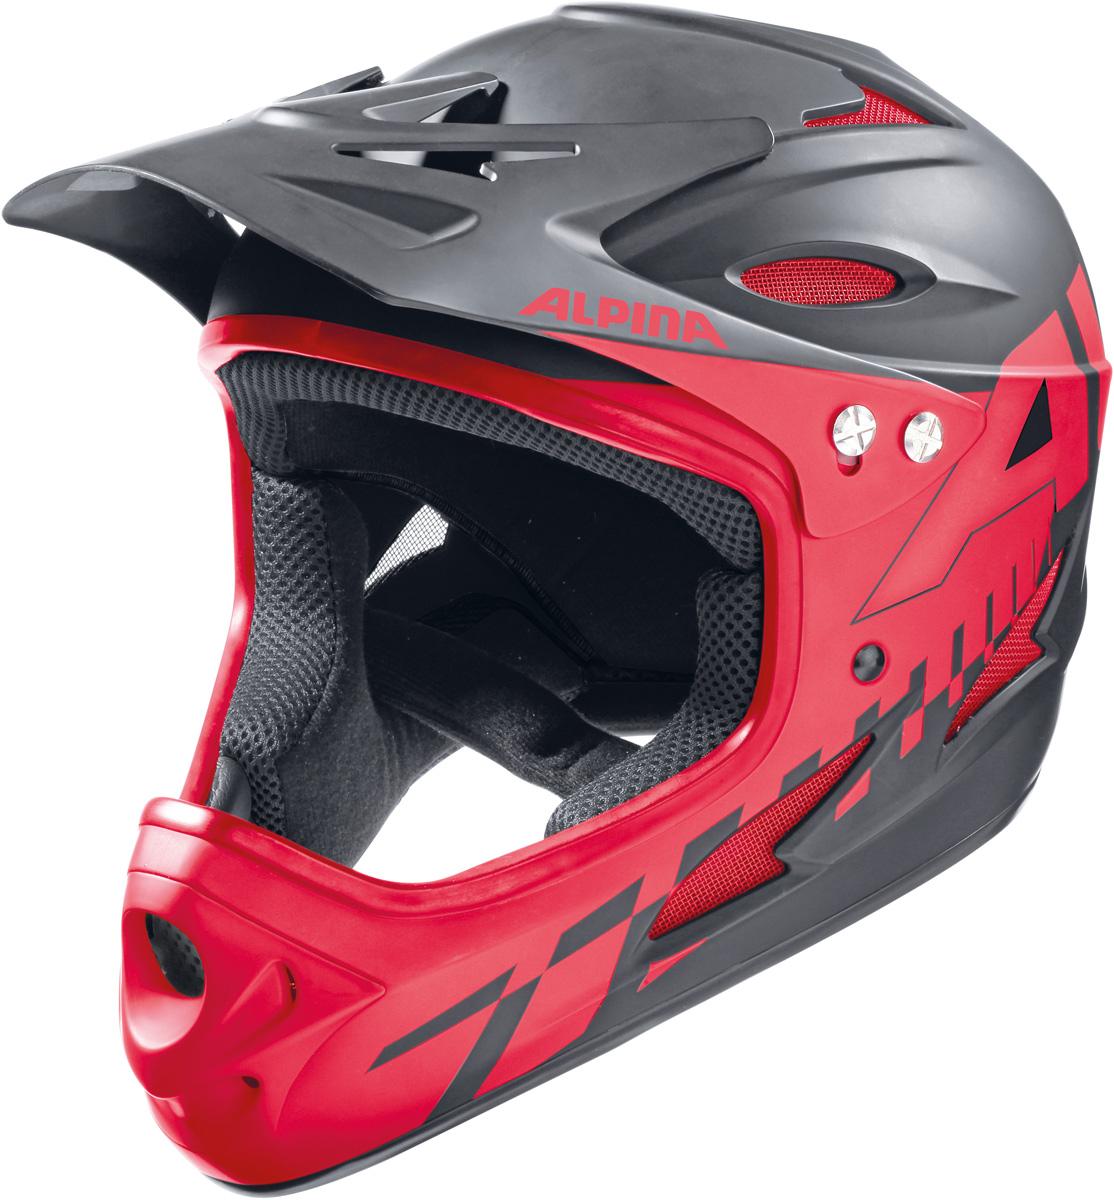 Шлем горнолыжный Alpina  Fullface , цвет: черный, красный. A9689_32. Размер 57-58 - Горные лыжи